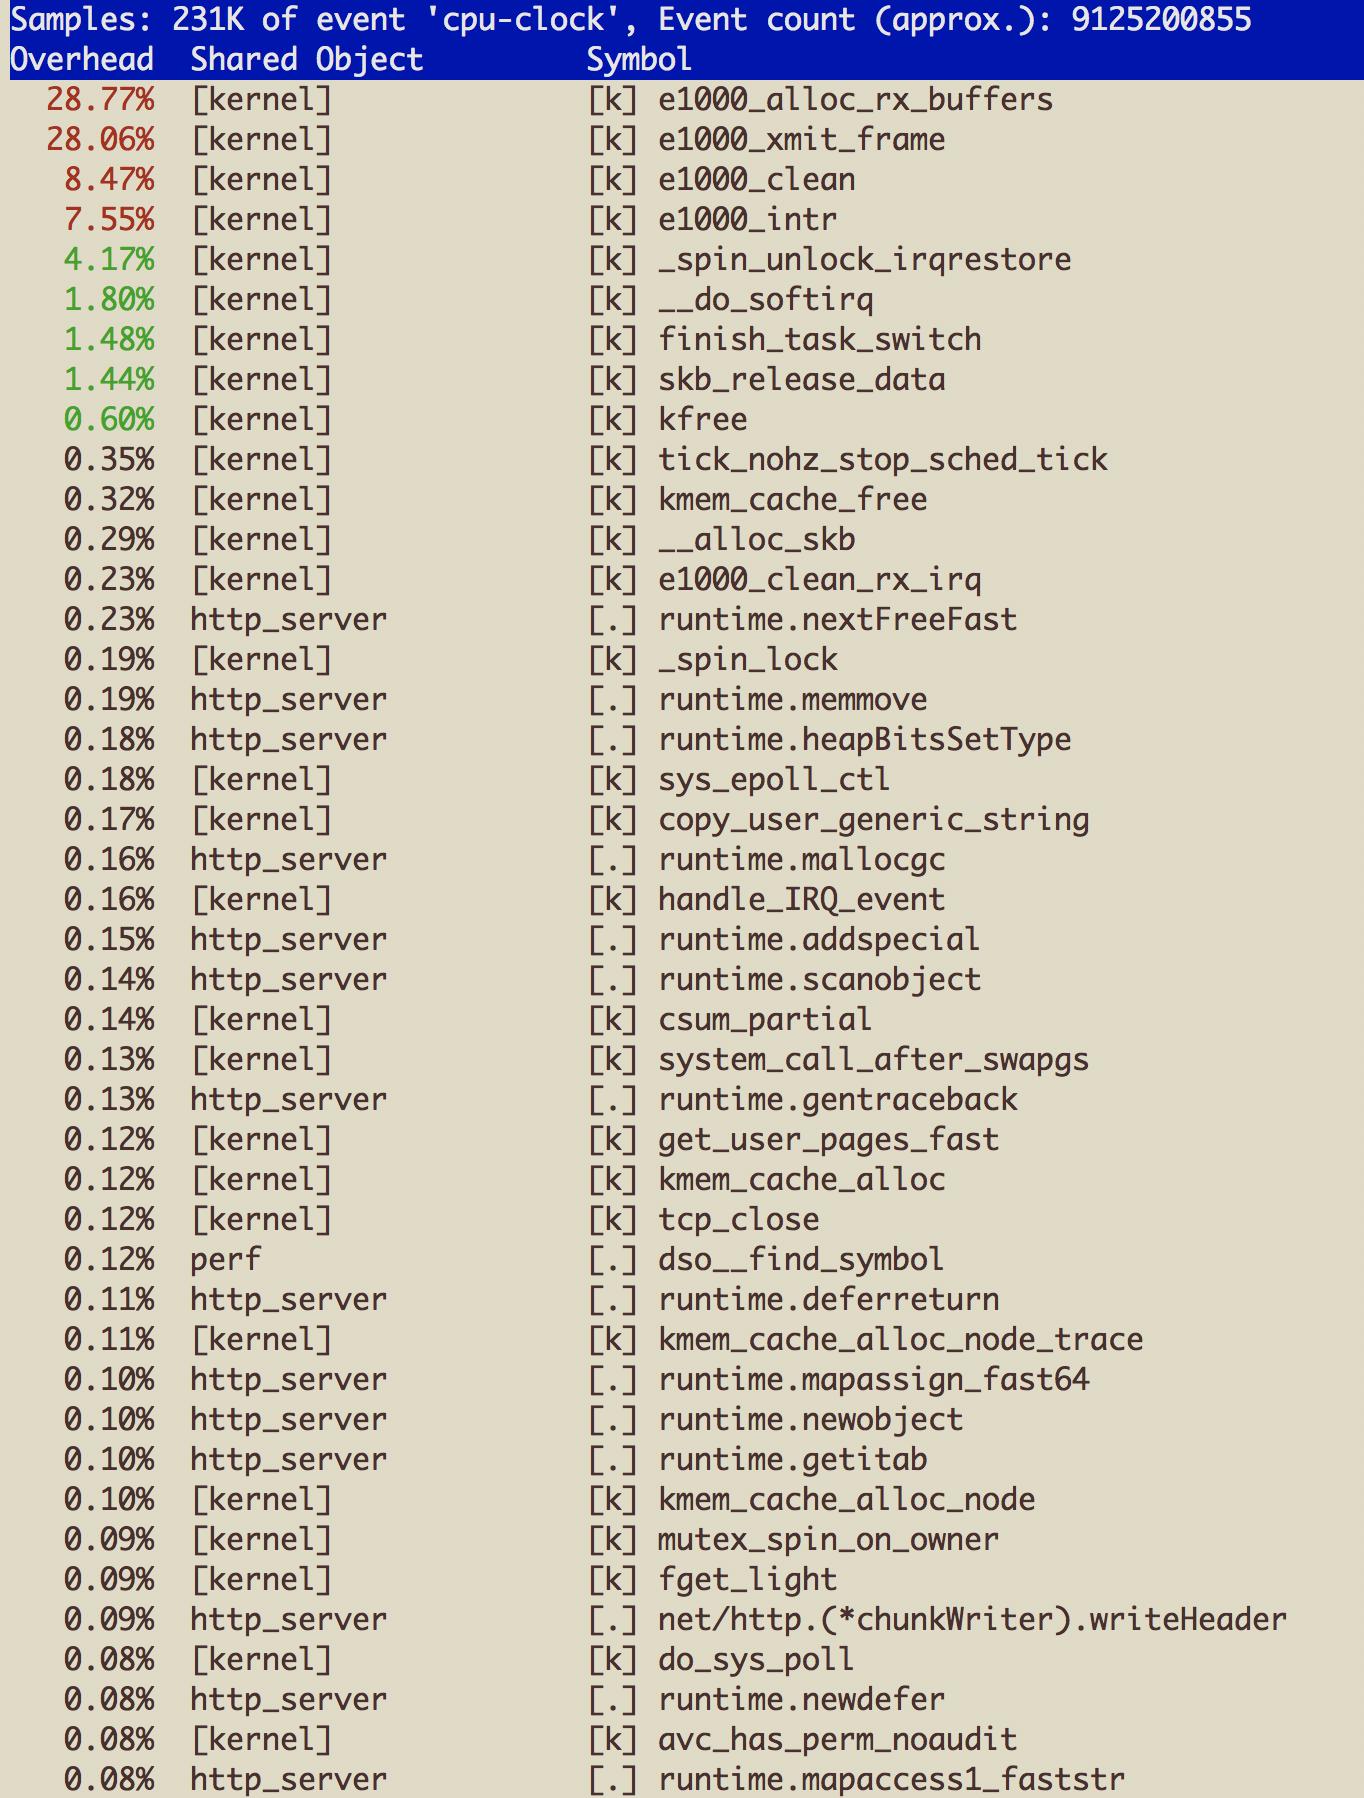 iptables 1.4.7